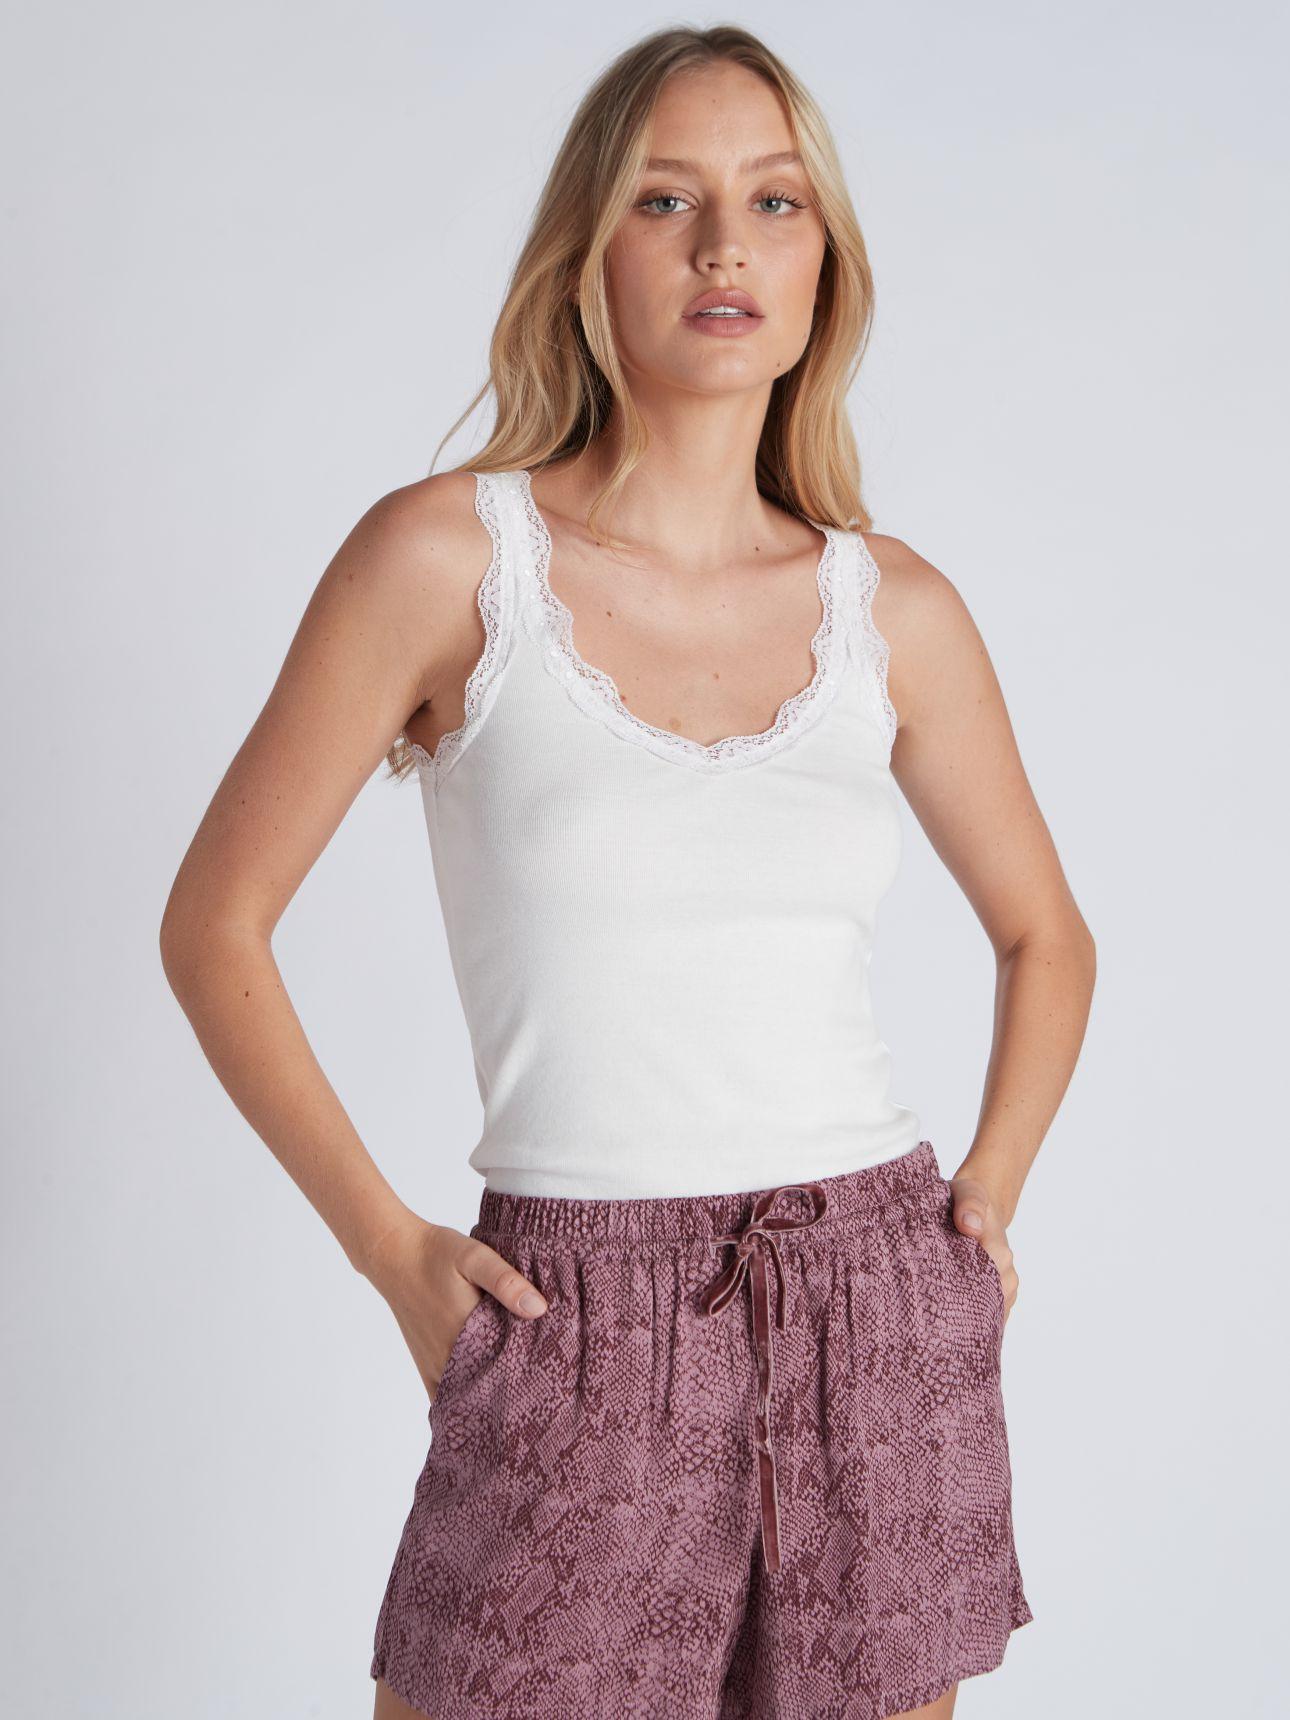 מכנסיים קצרים WILD ART בצבע פודרה